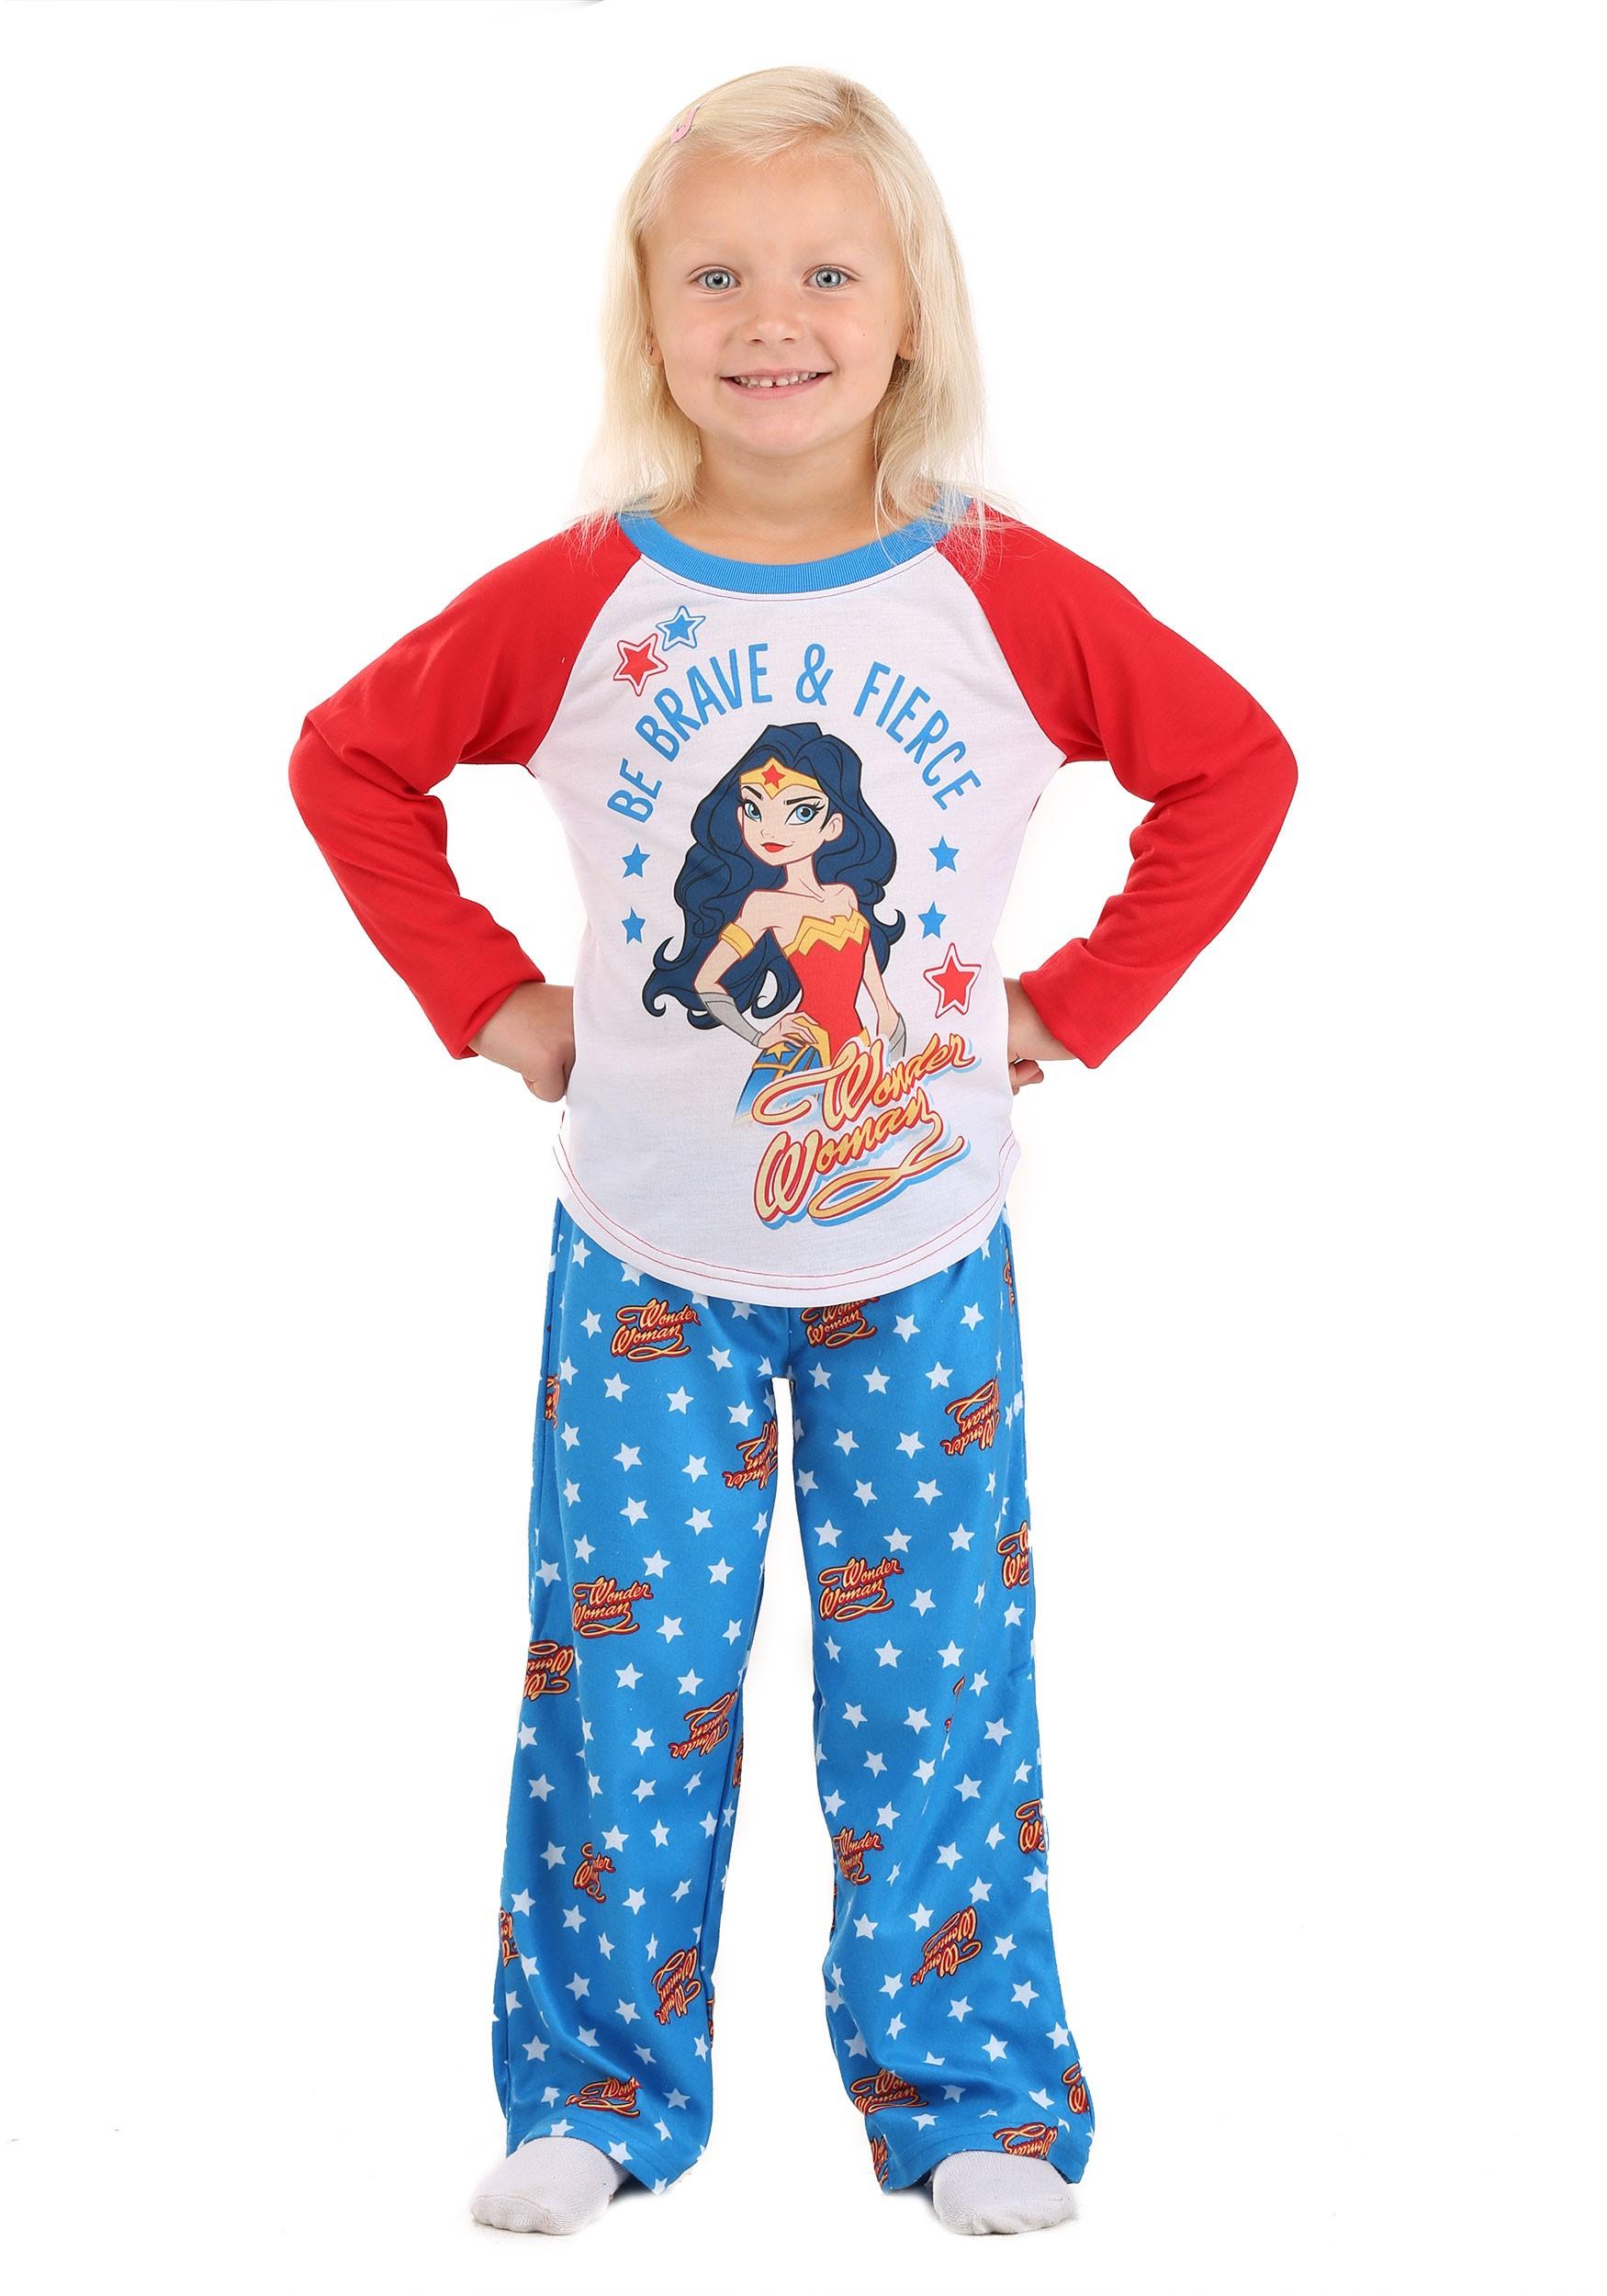 Wonder Woman Sleepwear Set for Kids